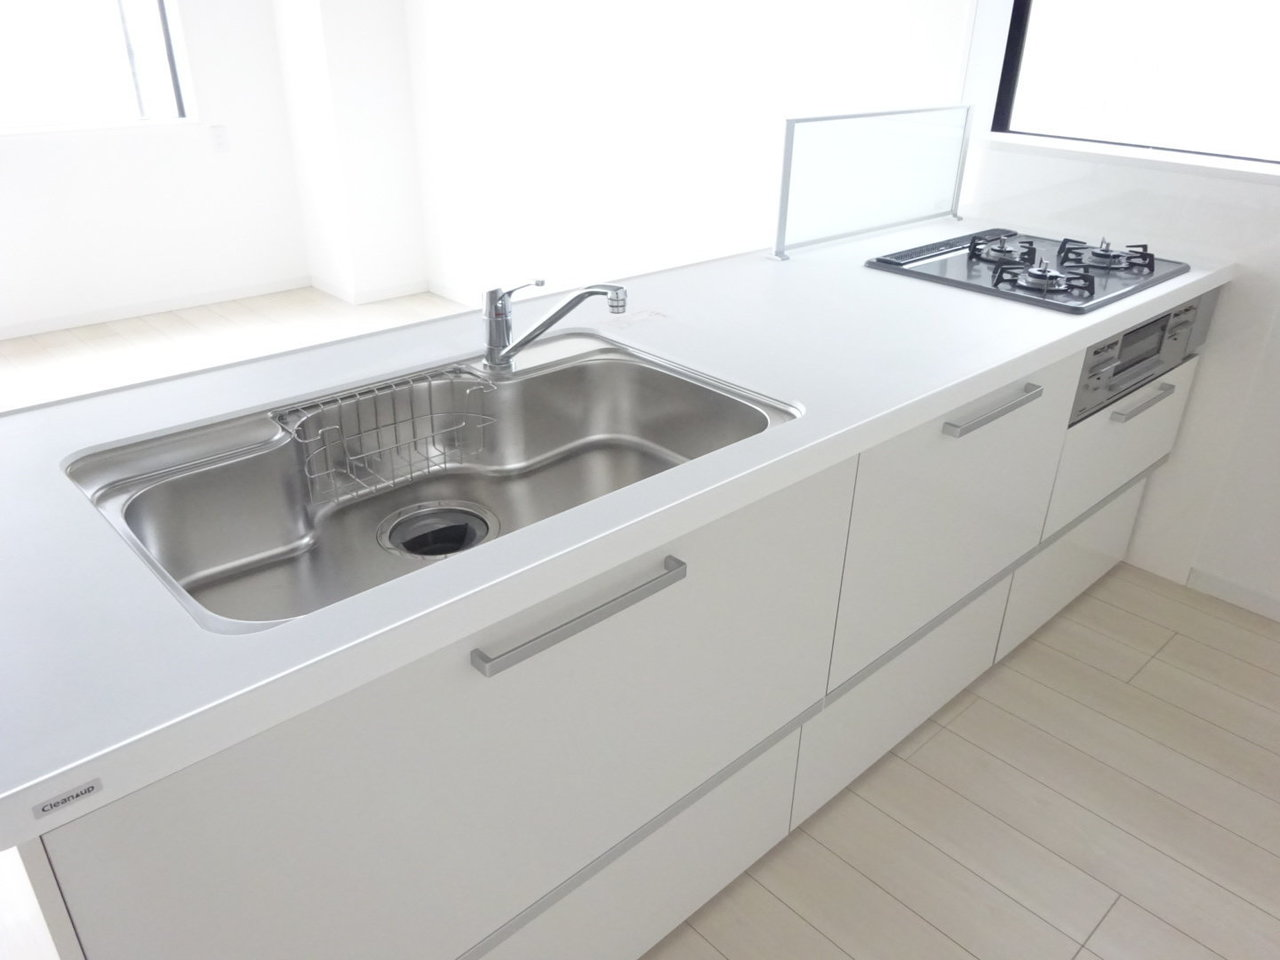 ほかにもリビングで目を引くのは、白くて大きなカウンターキッチン。背面のスペースも広いので冷蔵庫と食器棚も十分置くことができます。